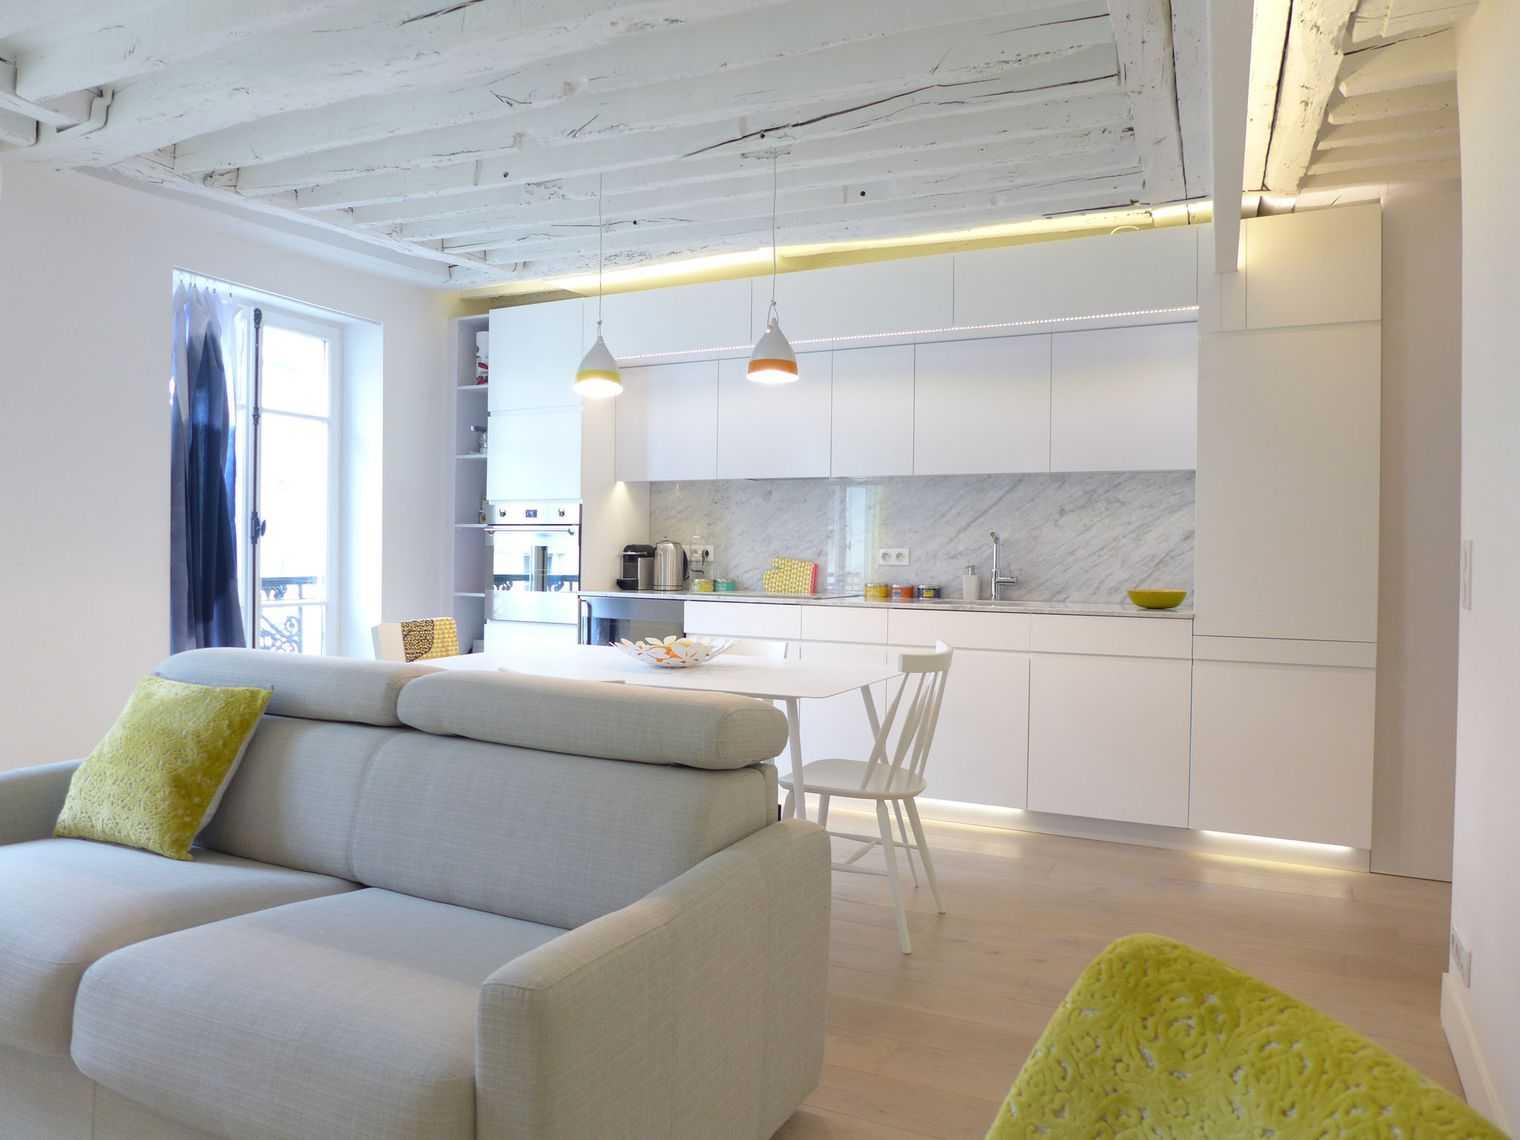 Дизайн кухни гостиной с подсветкой